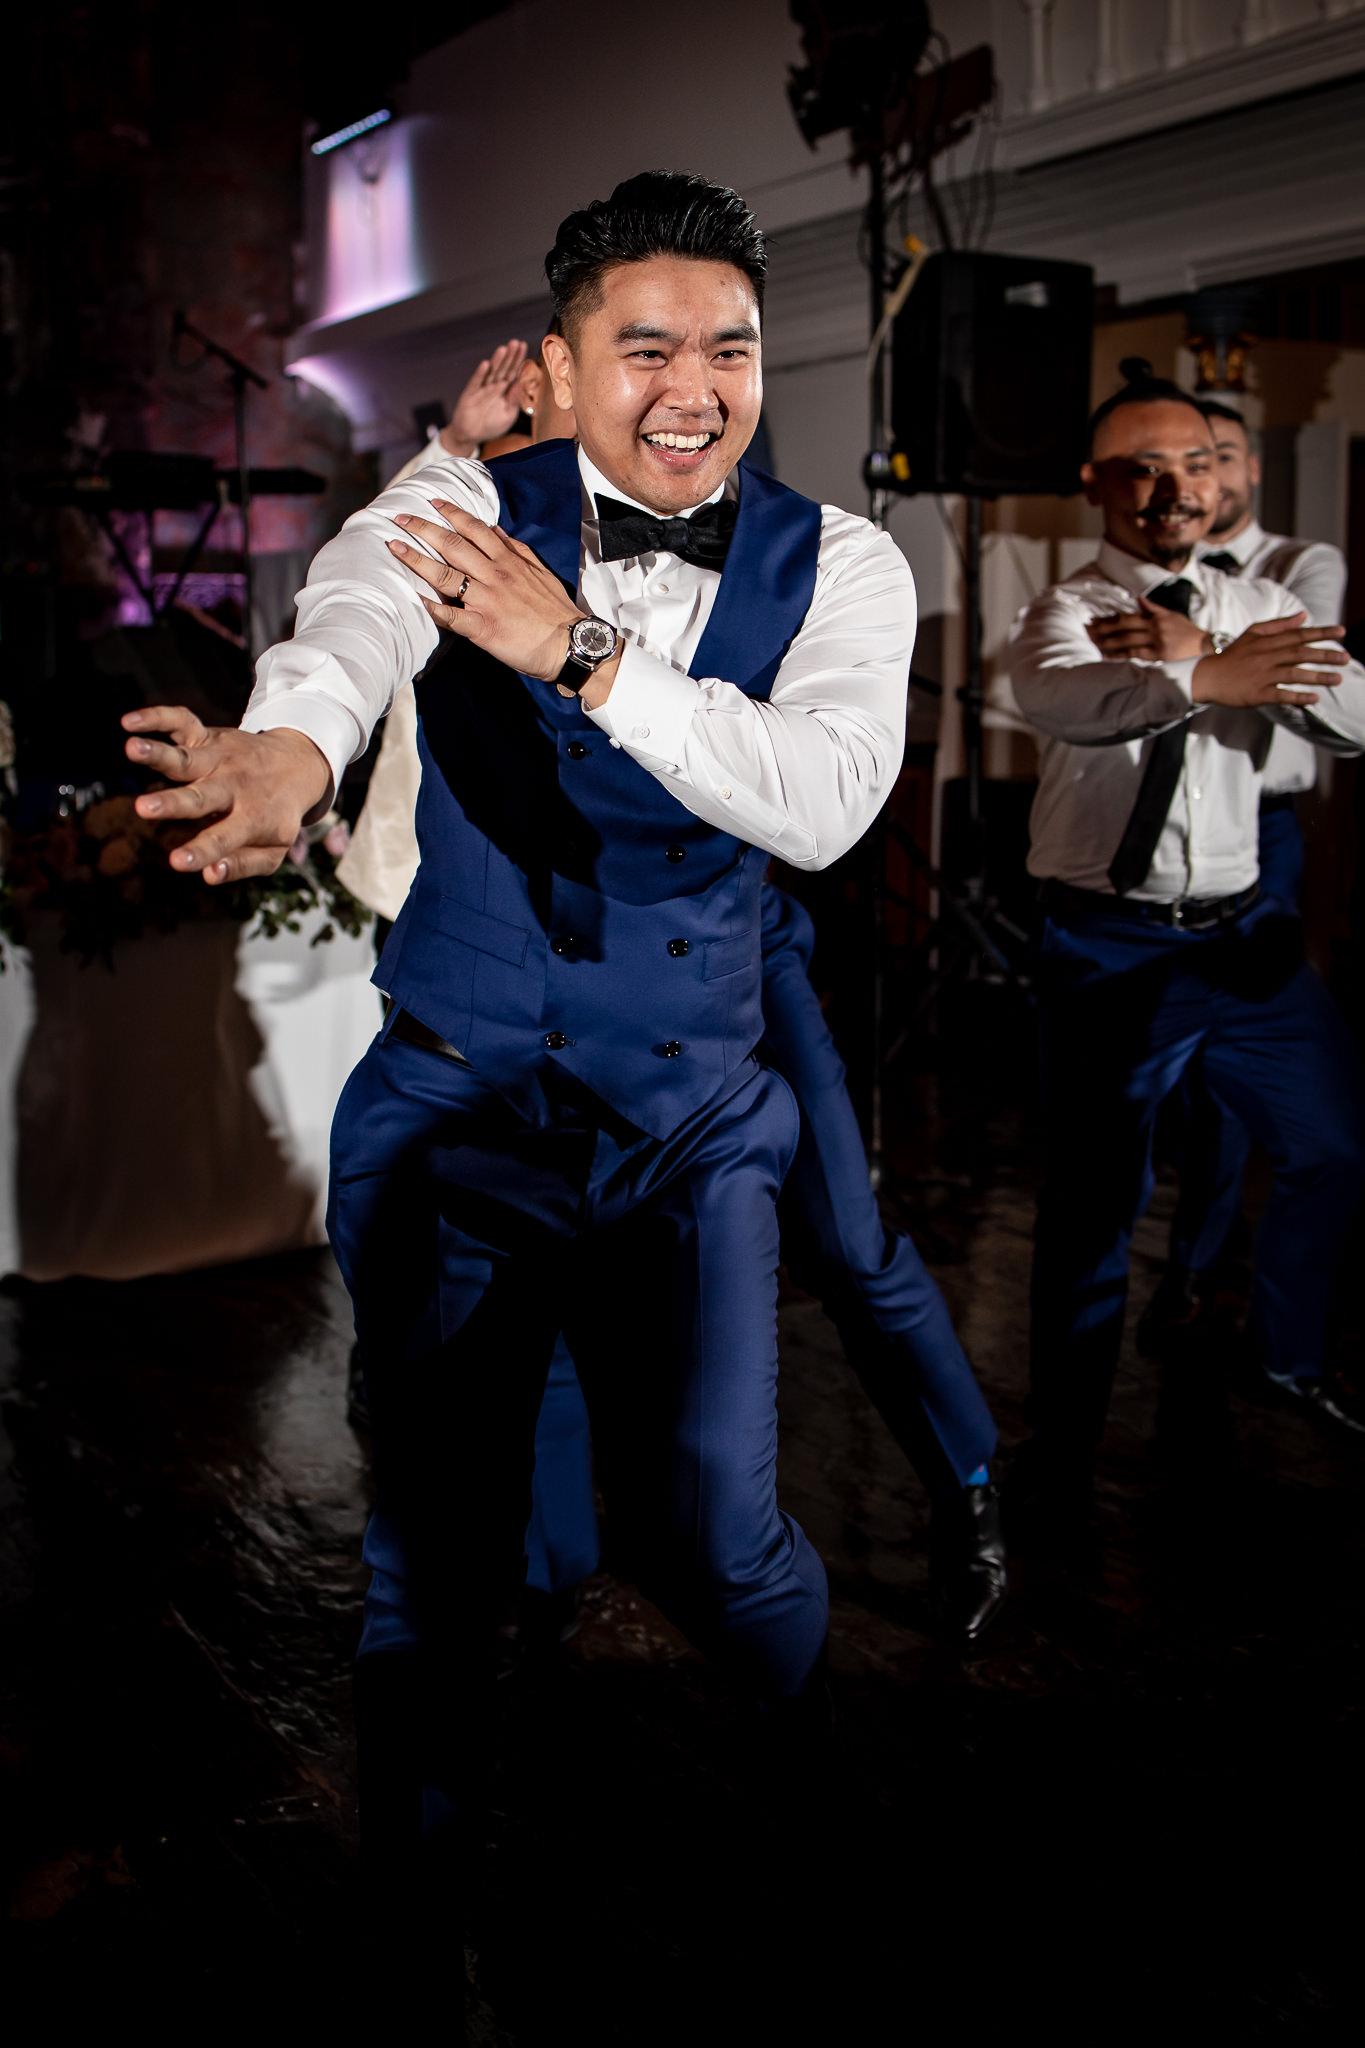 berkeley-wedding-photos-59.jpg